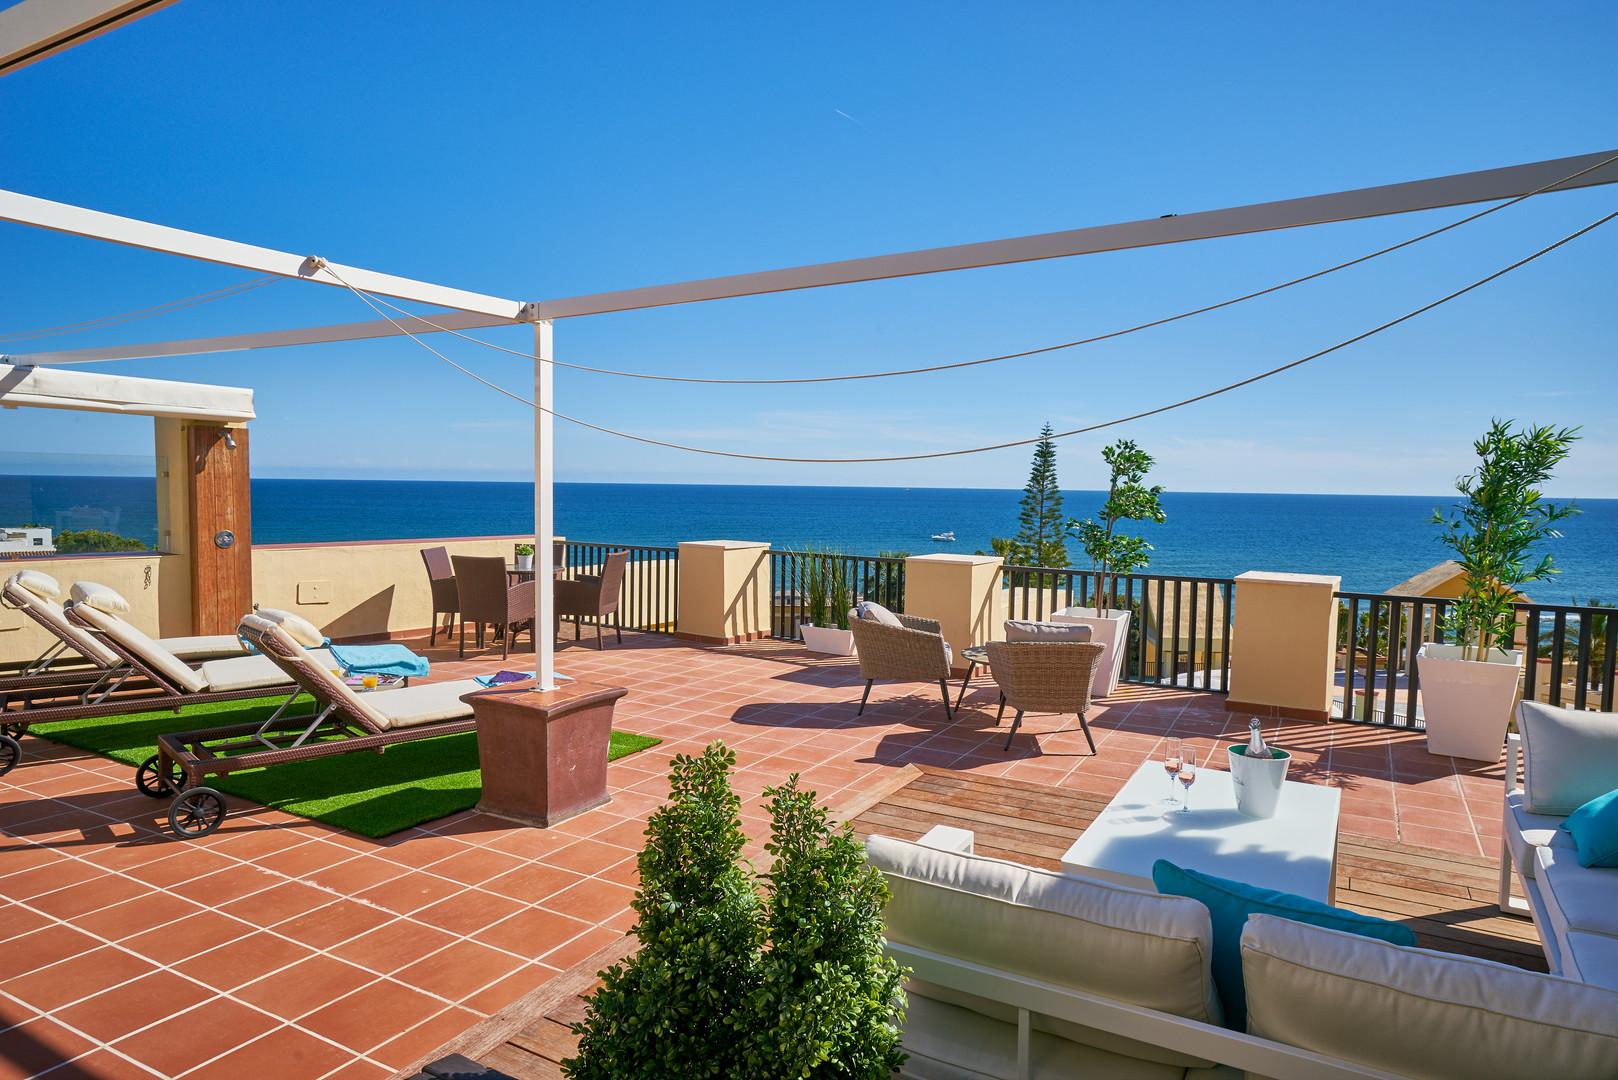 309 spacious terrace avenida jardines de